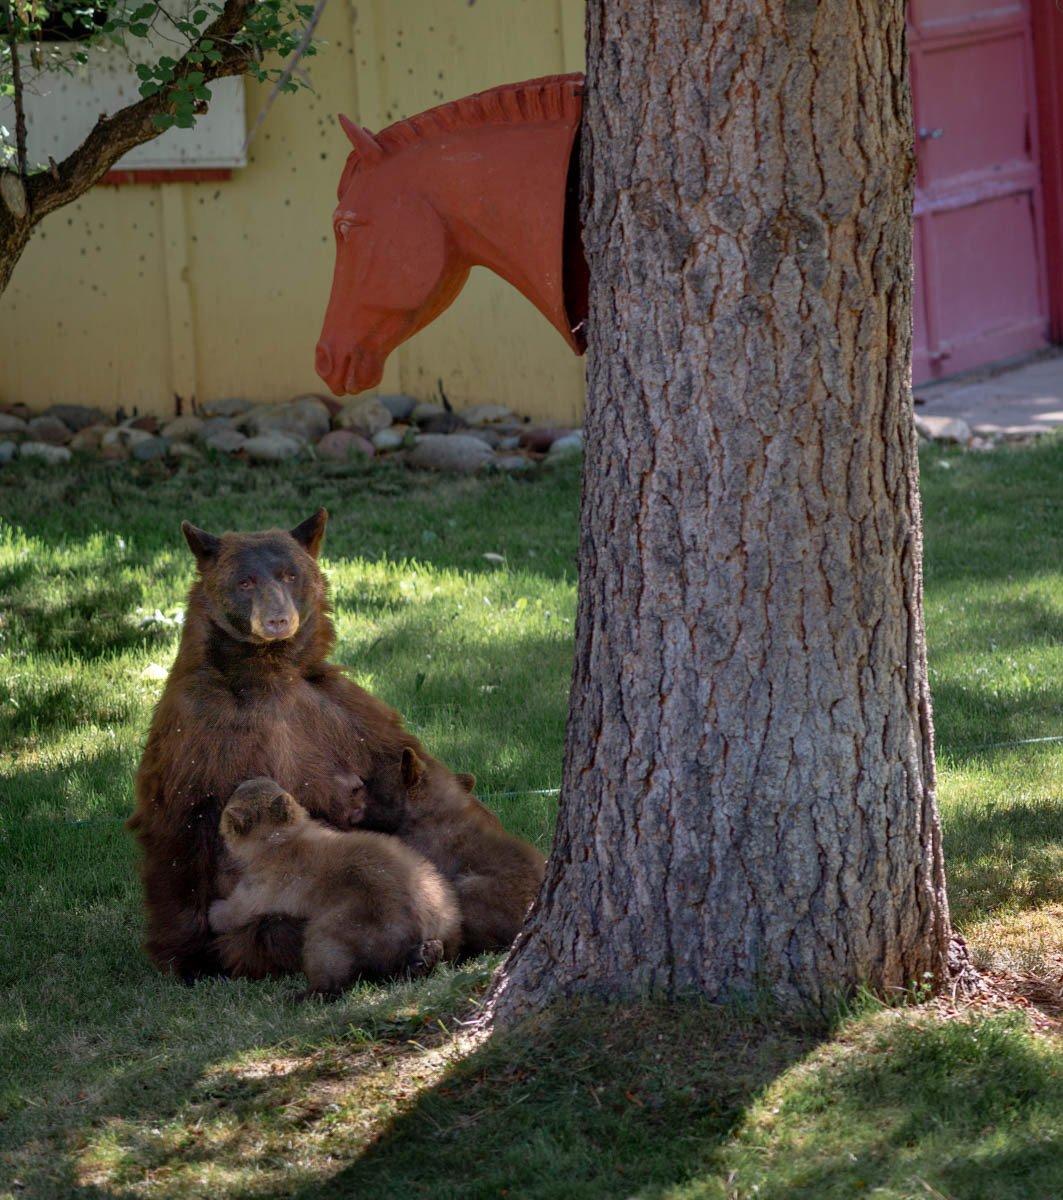 Coalición local se dedica a proteger a los osos thumbnail